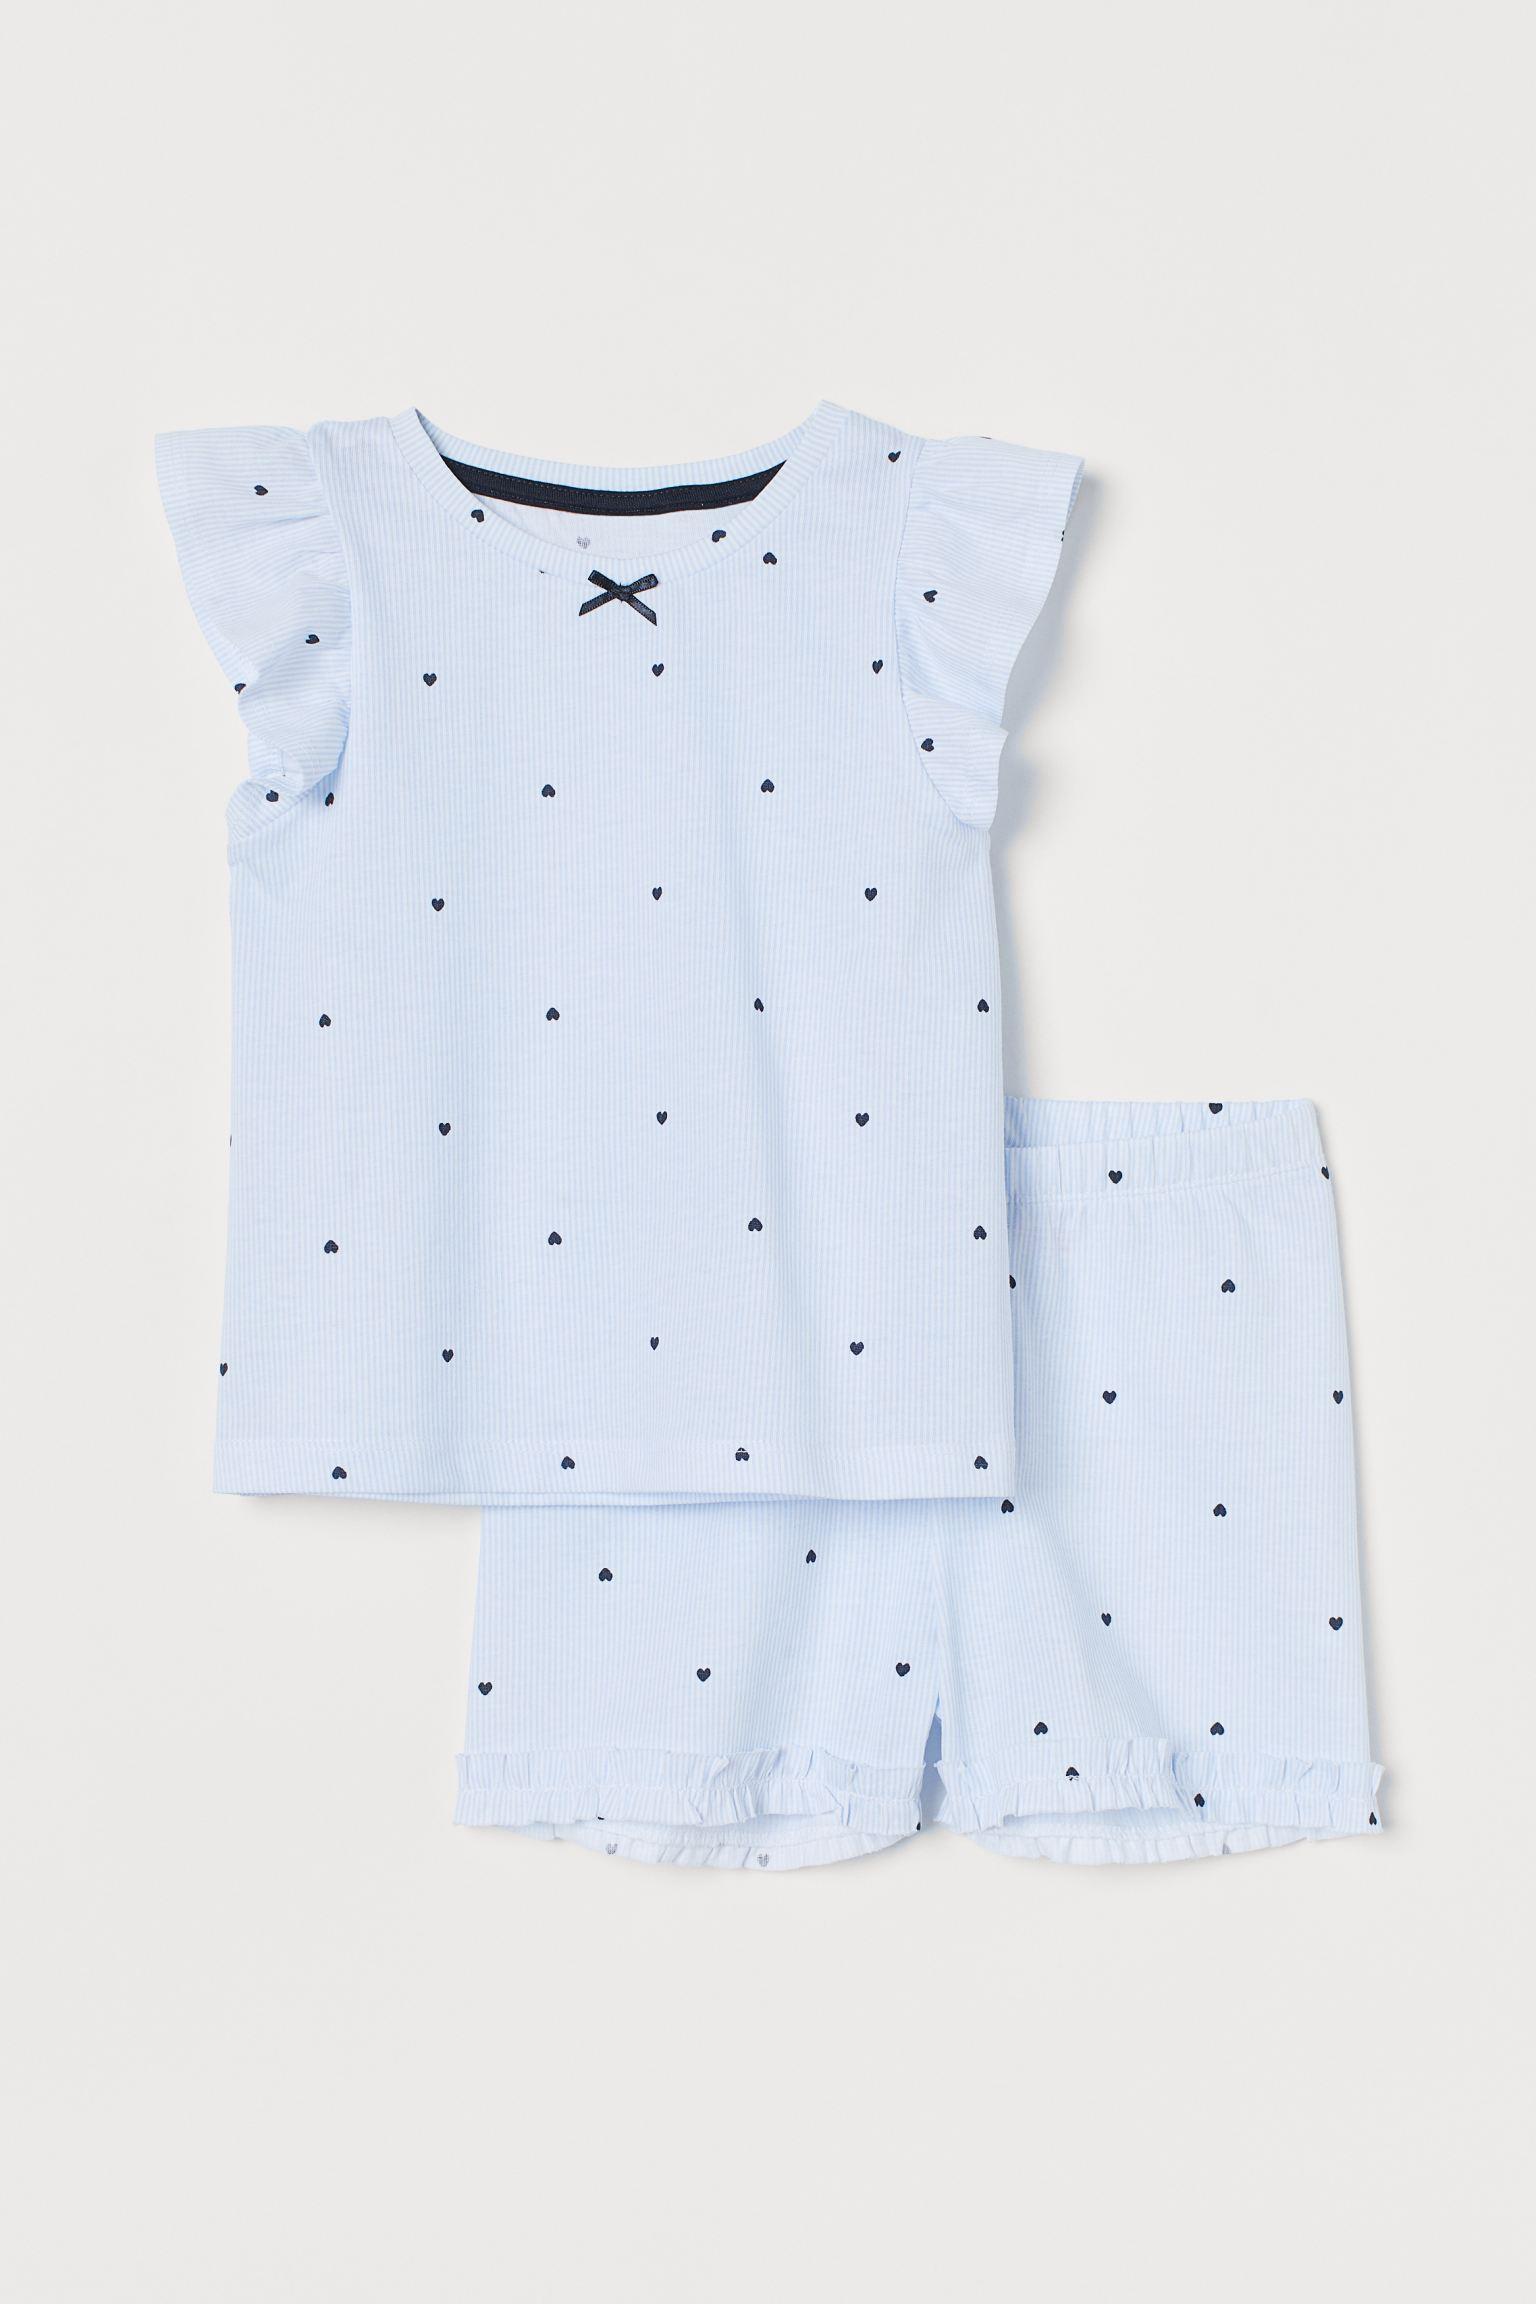 Pijama estampado en punto de algodón suave. Camiseta con mangas cortas de volante. Pantalón corto con cintura elástica y volante fruncido en el bajo.